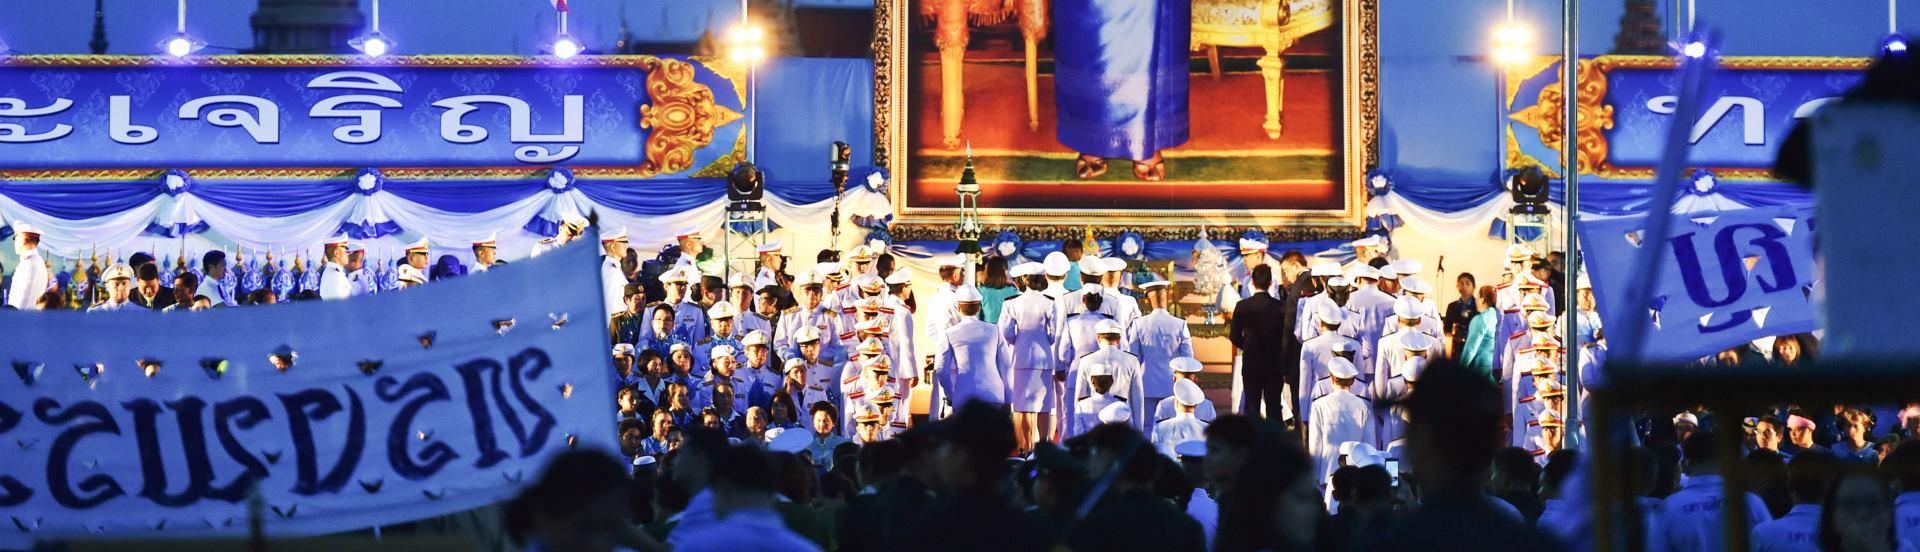 VIDEO: Tajland proslavio rođendan kraljice Sirikit